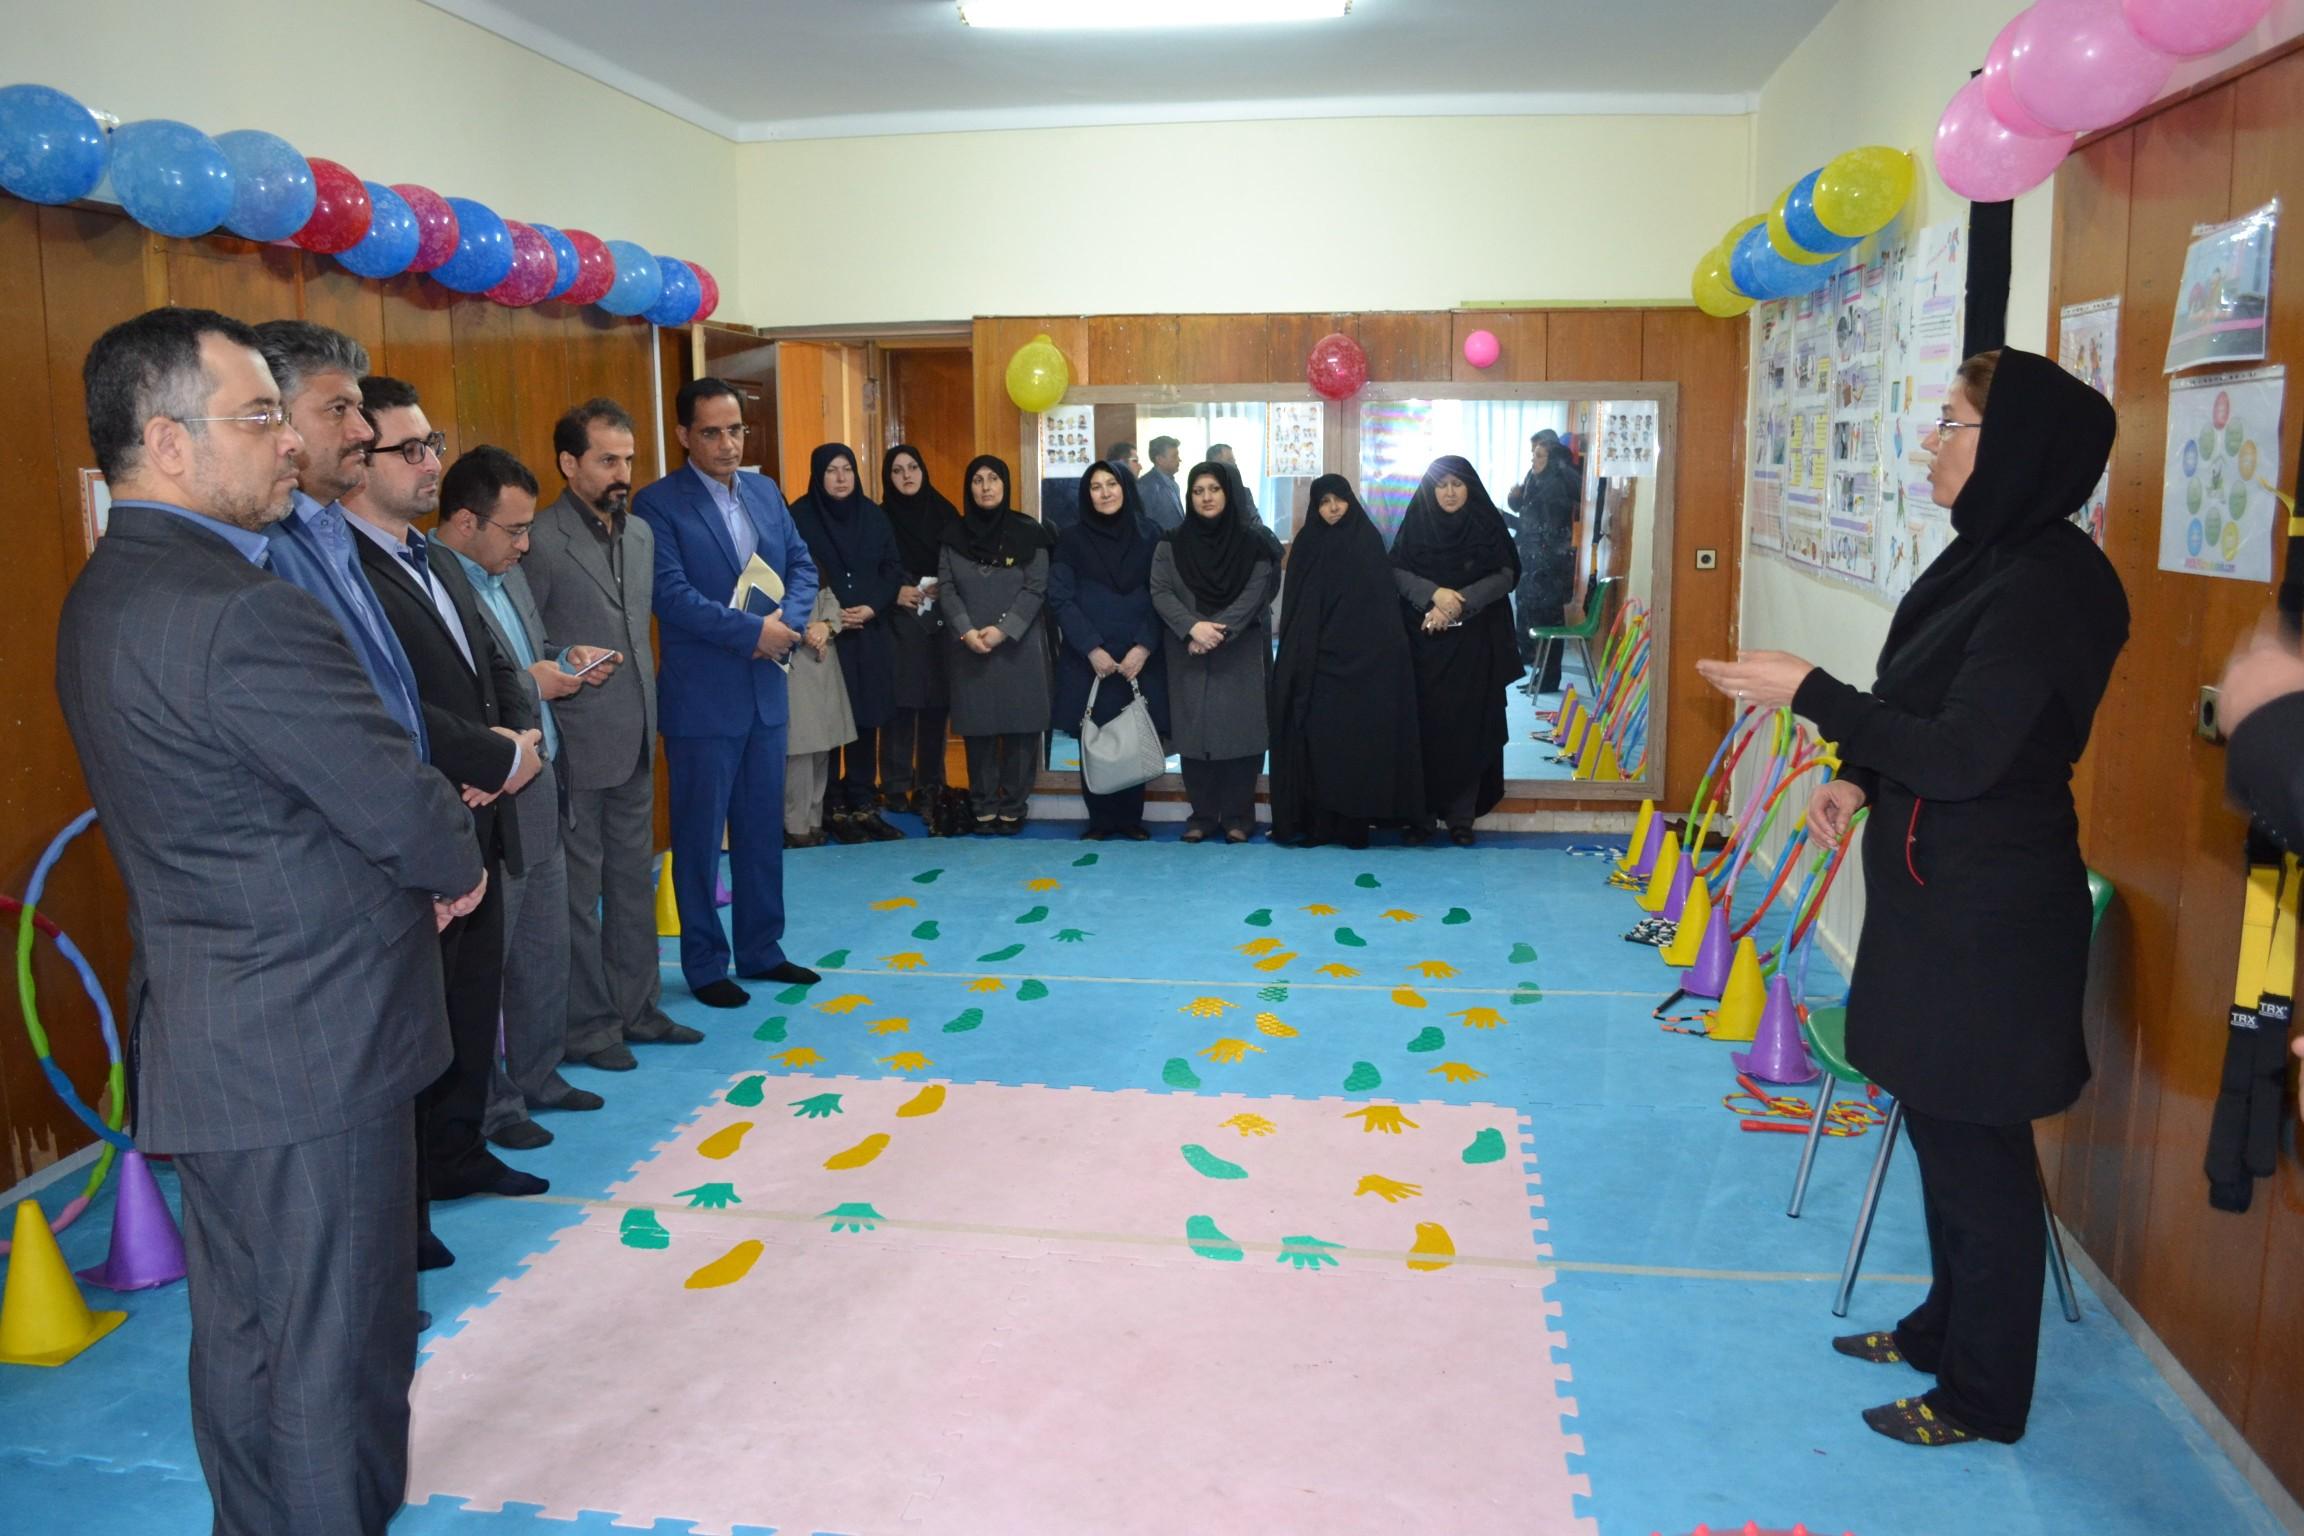 افتتاحیه+ سالن پیلاتس و تی آر ایکس دبستان دخترانه سما واحد رشت